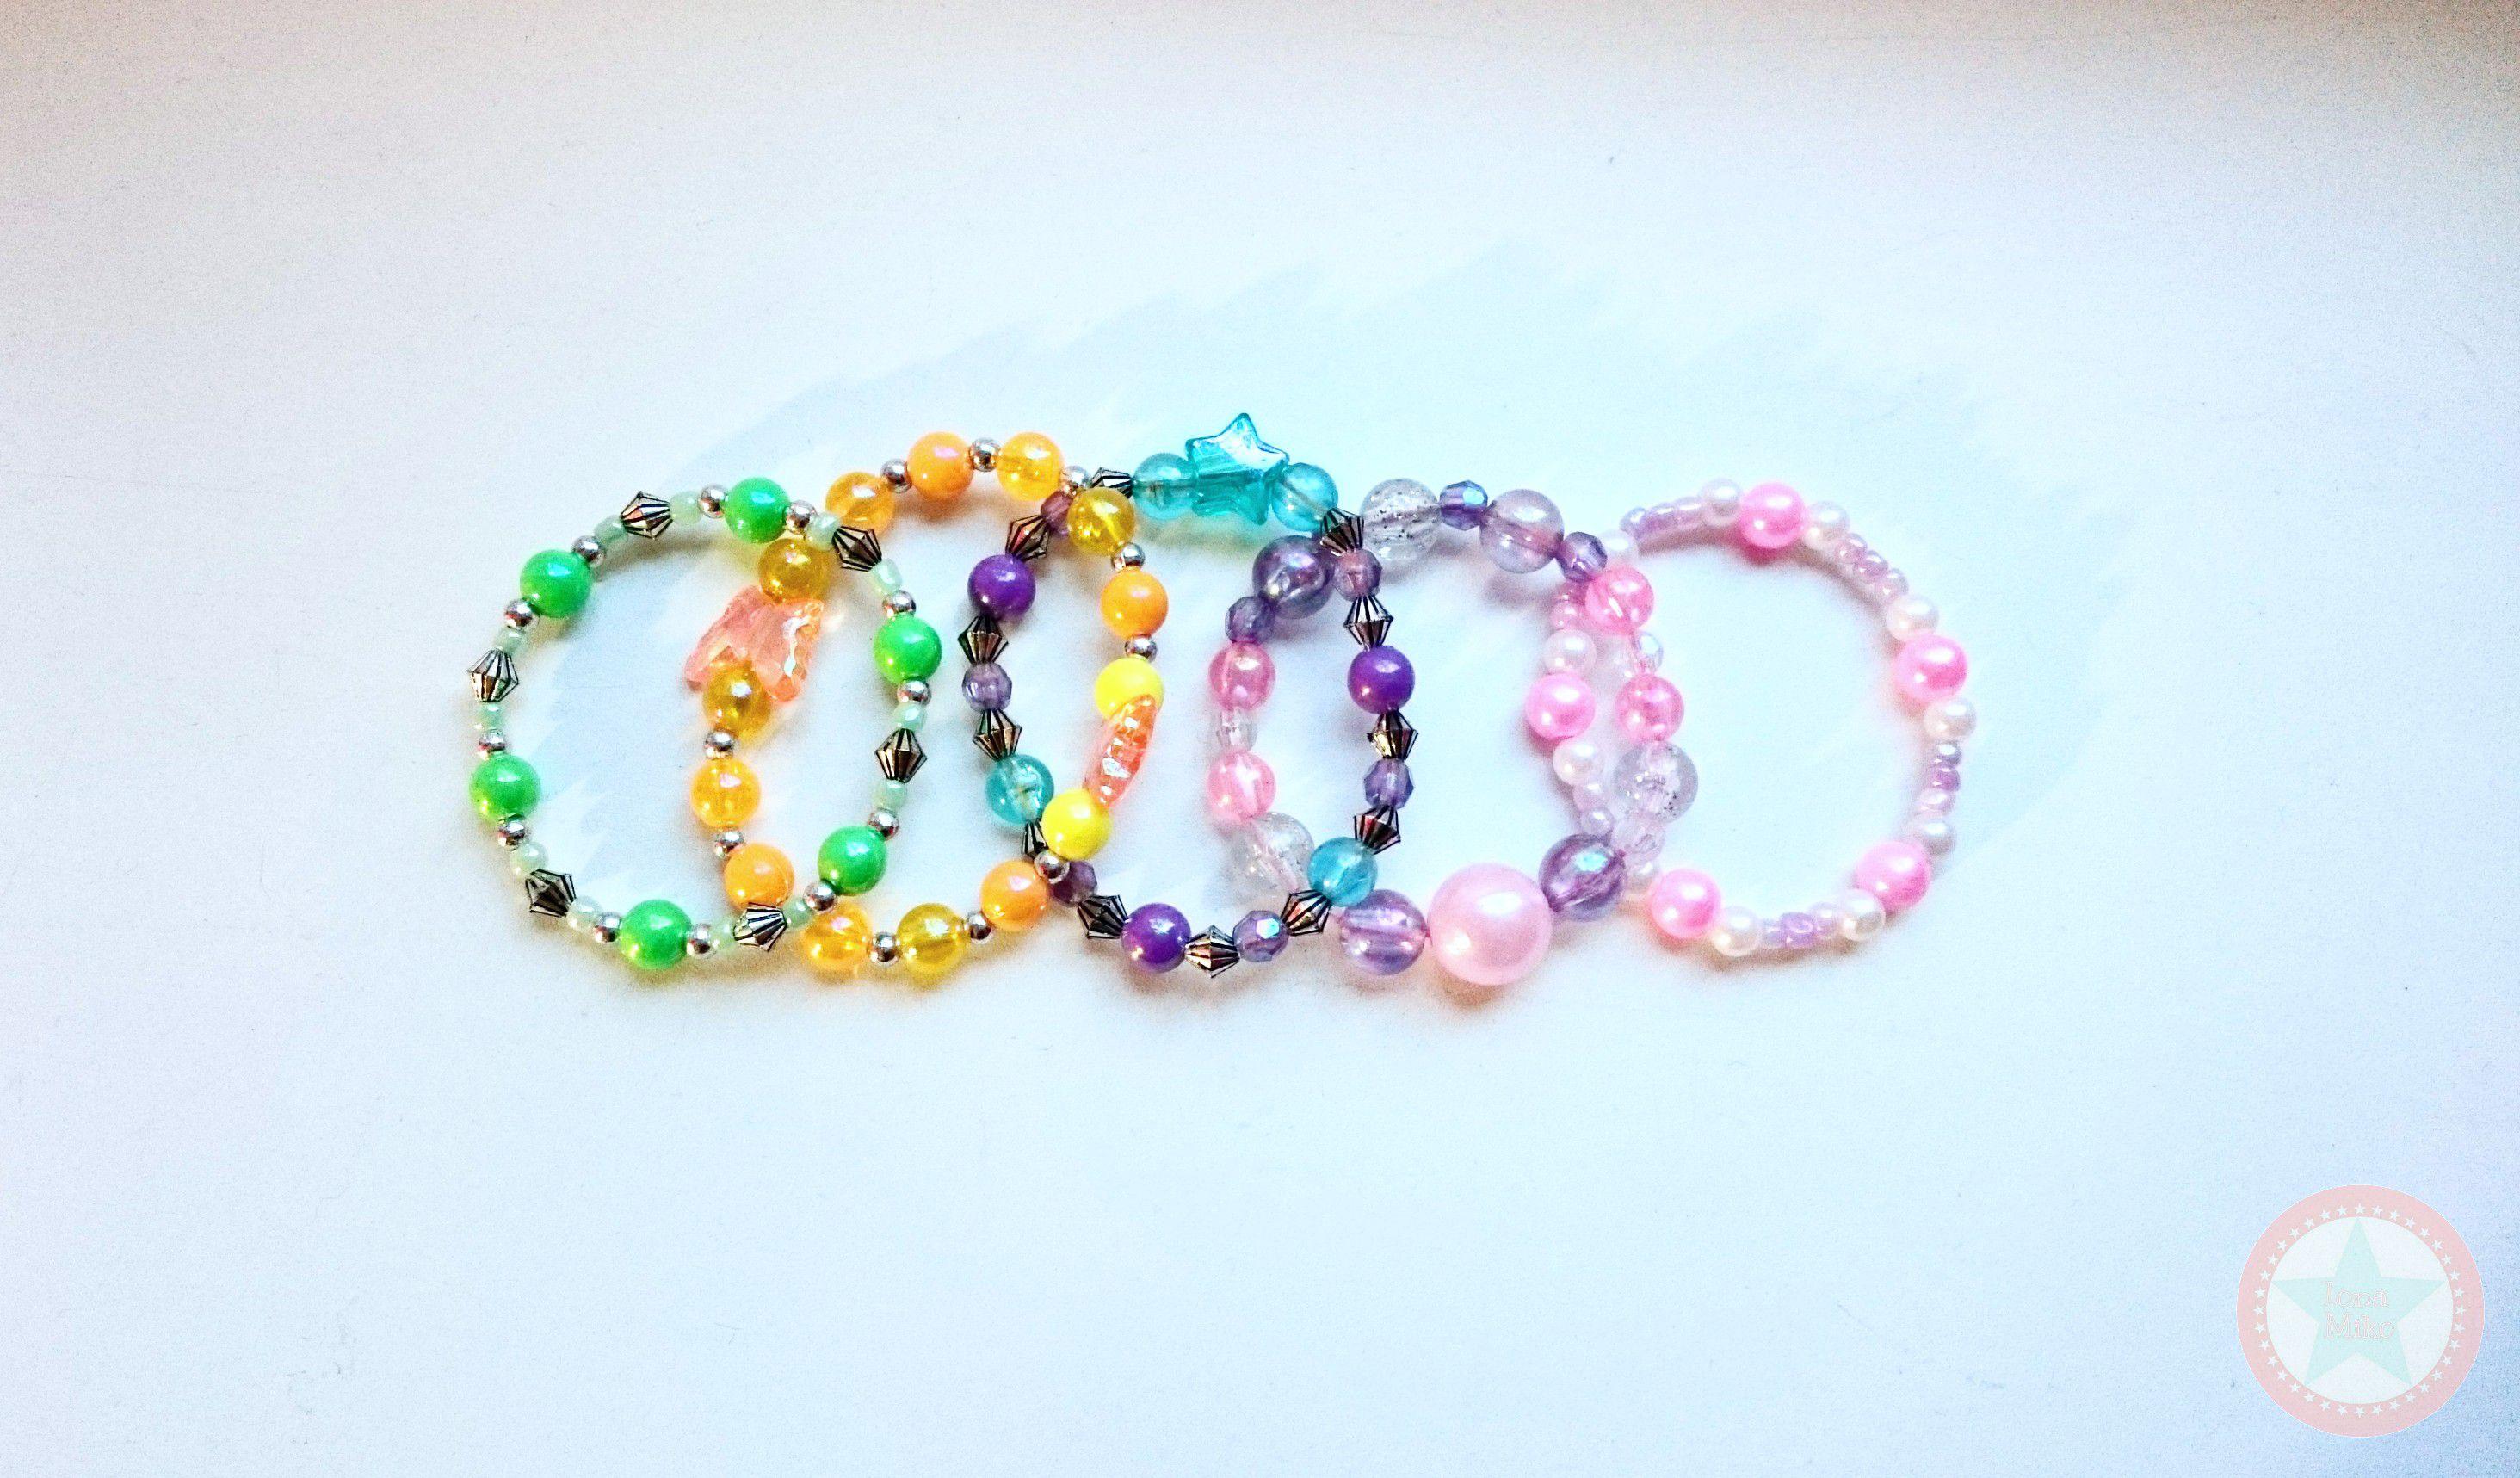 вещи бусы браслет браслеты украшение милые цветные